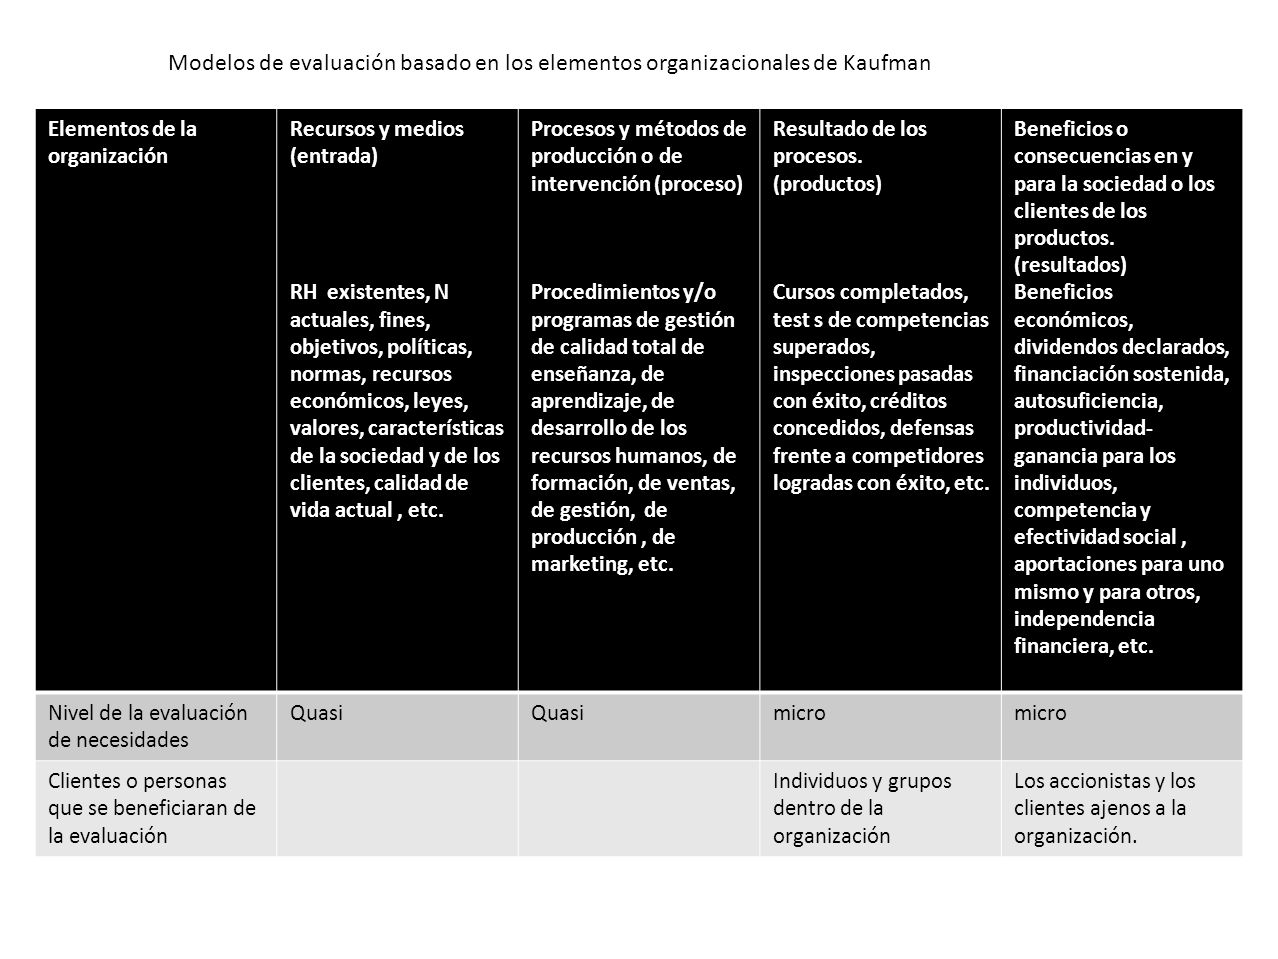 Modelos de evaluación basado en los elementos organizacionales de Kaufman Elementos de la organización Recursos y medios (entrada) RH existentes, N actuales, fines, objetivos, políticas, normas, recursos económicos, leyes, valores, características de la sociedad y de los clientes, calidad de vida actual, etc.